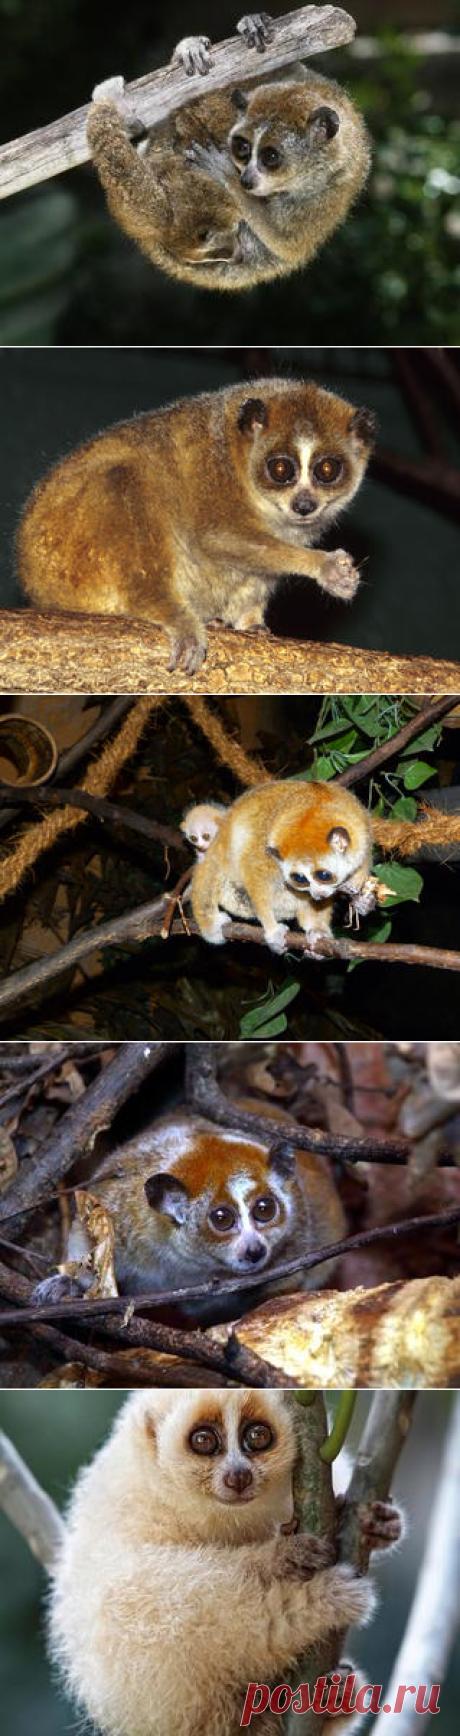 Смотреть изображения лори | Зооляндия